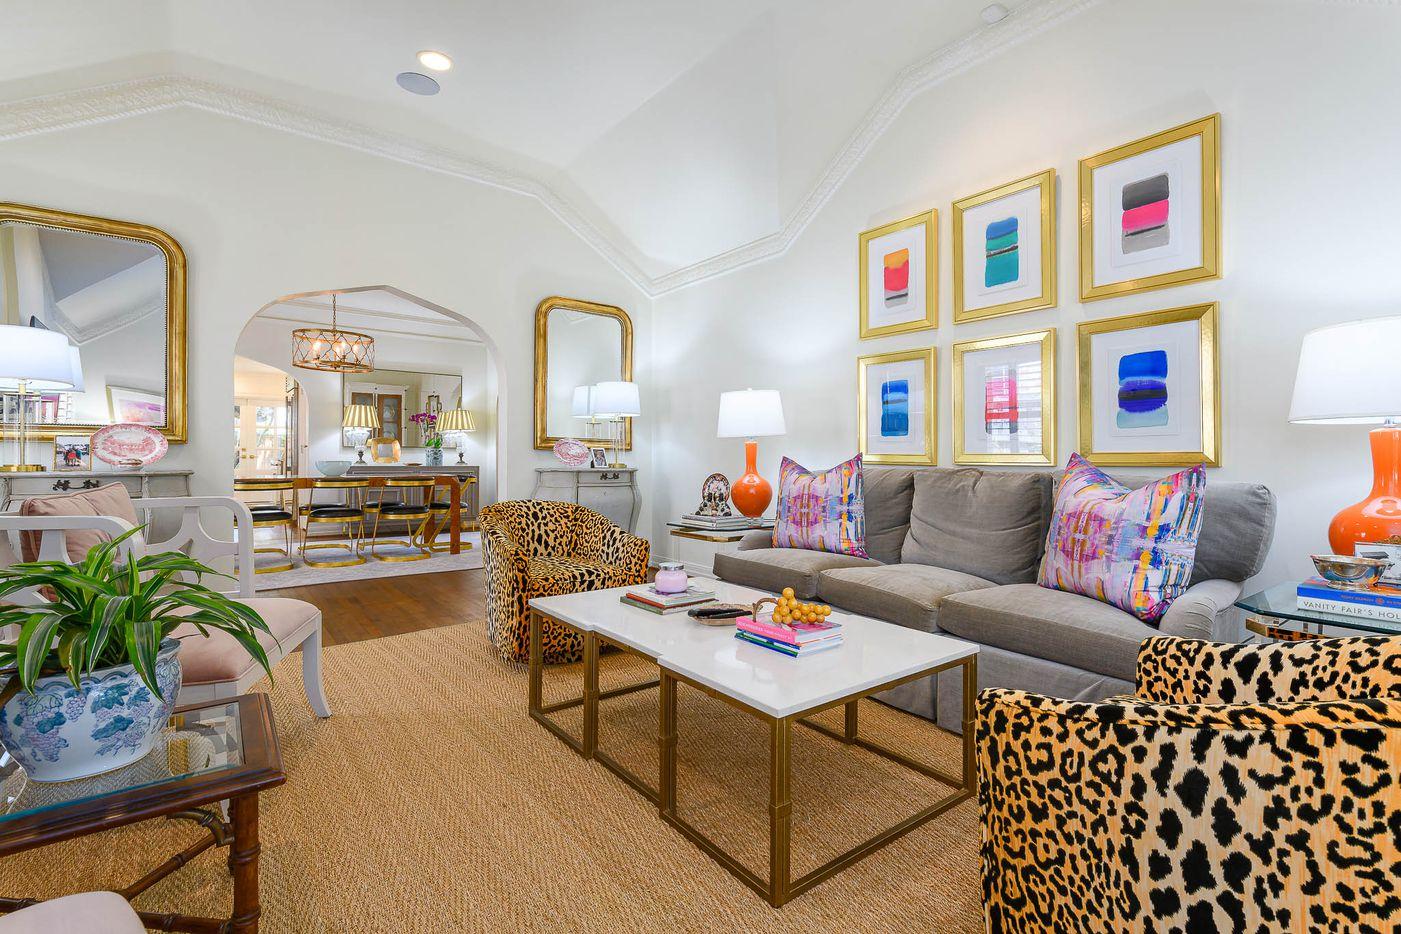 A look at the property at 4408 San Carlos Drive in Dallas.